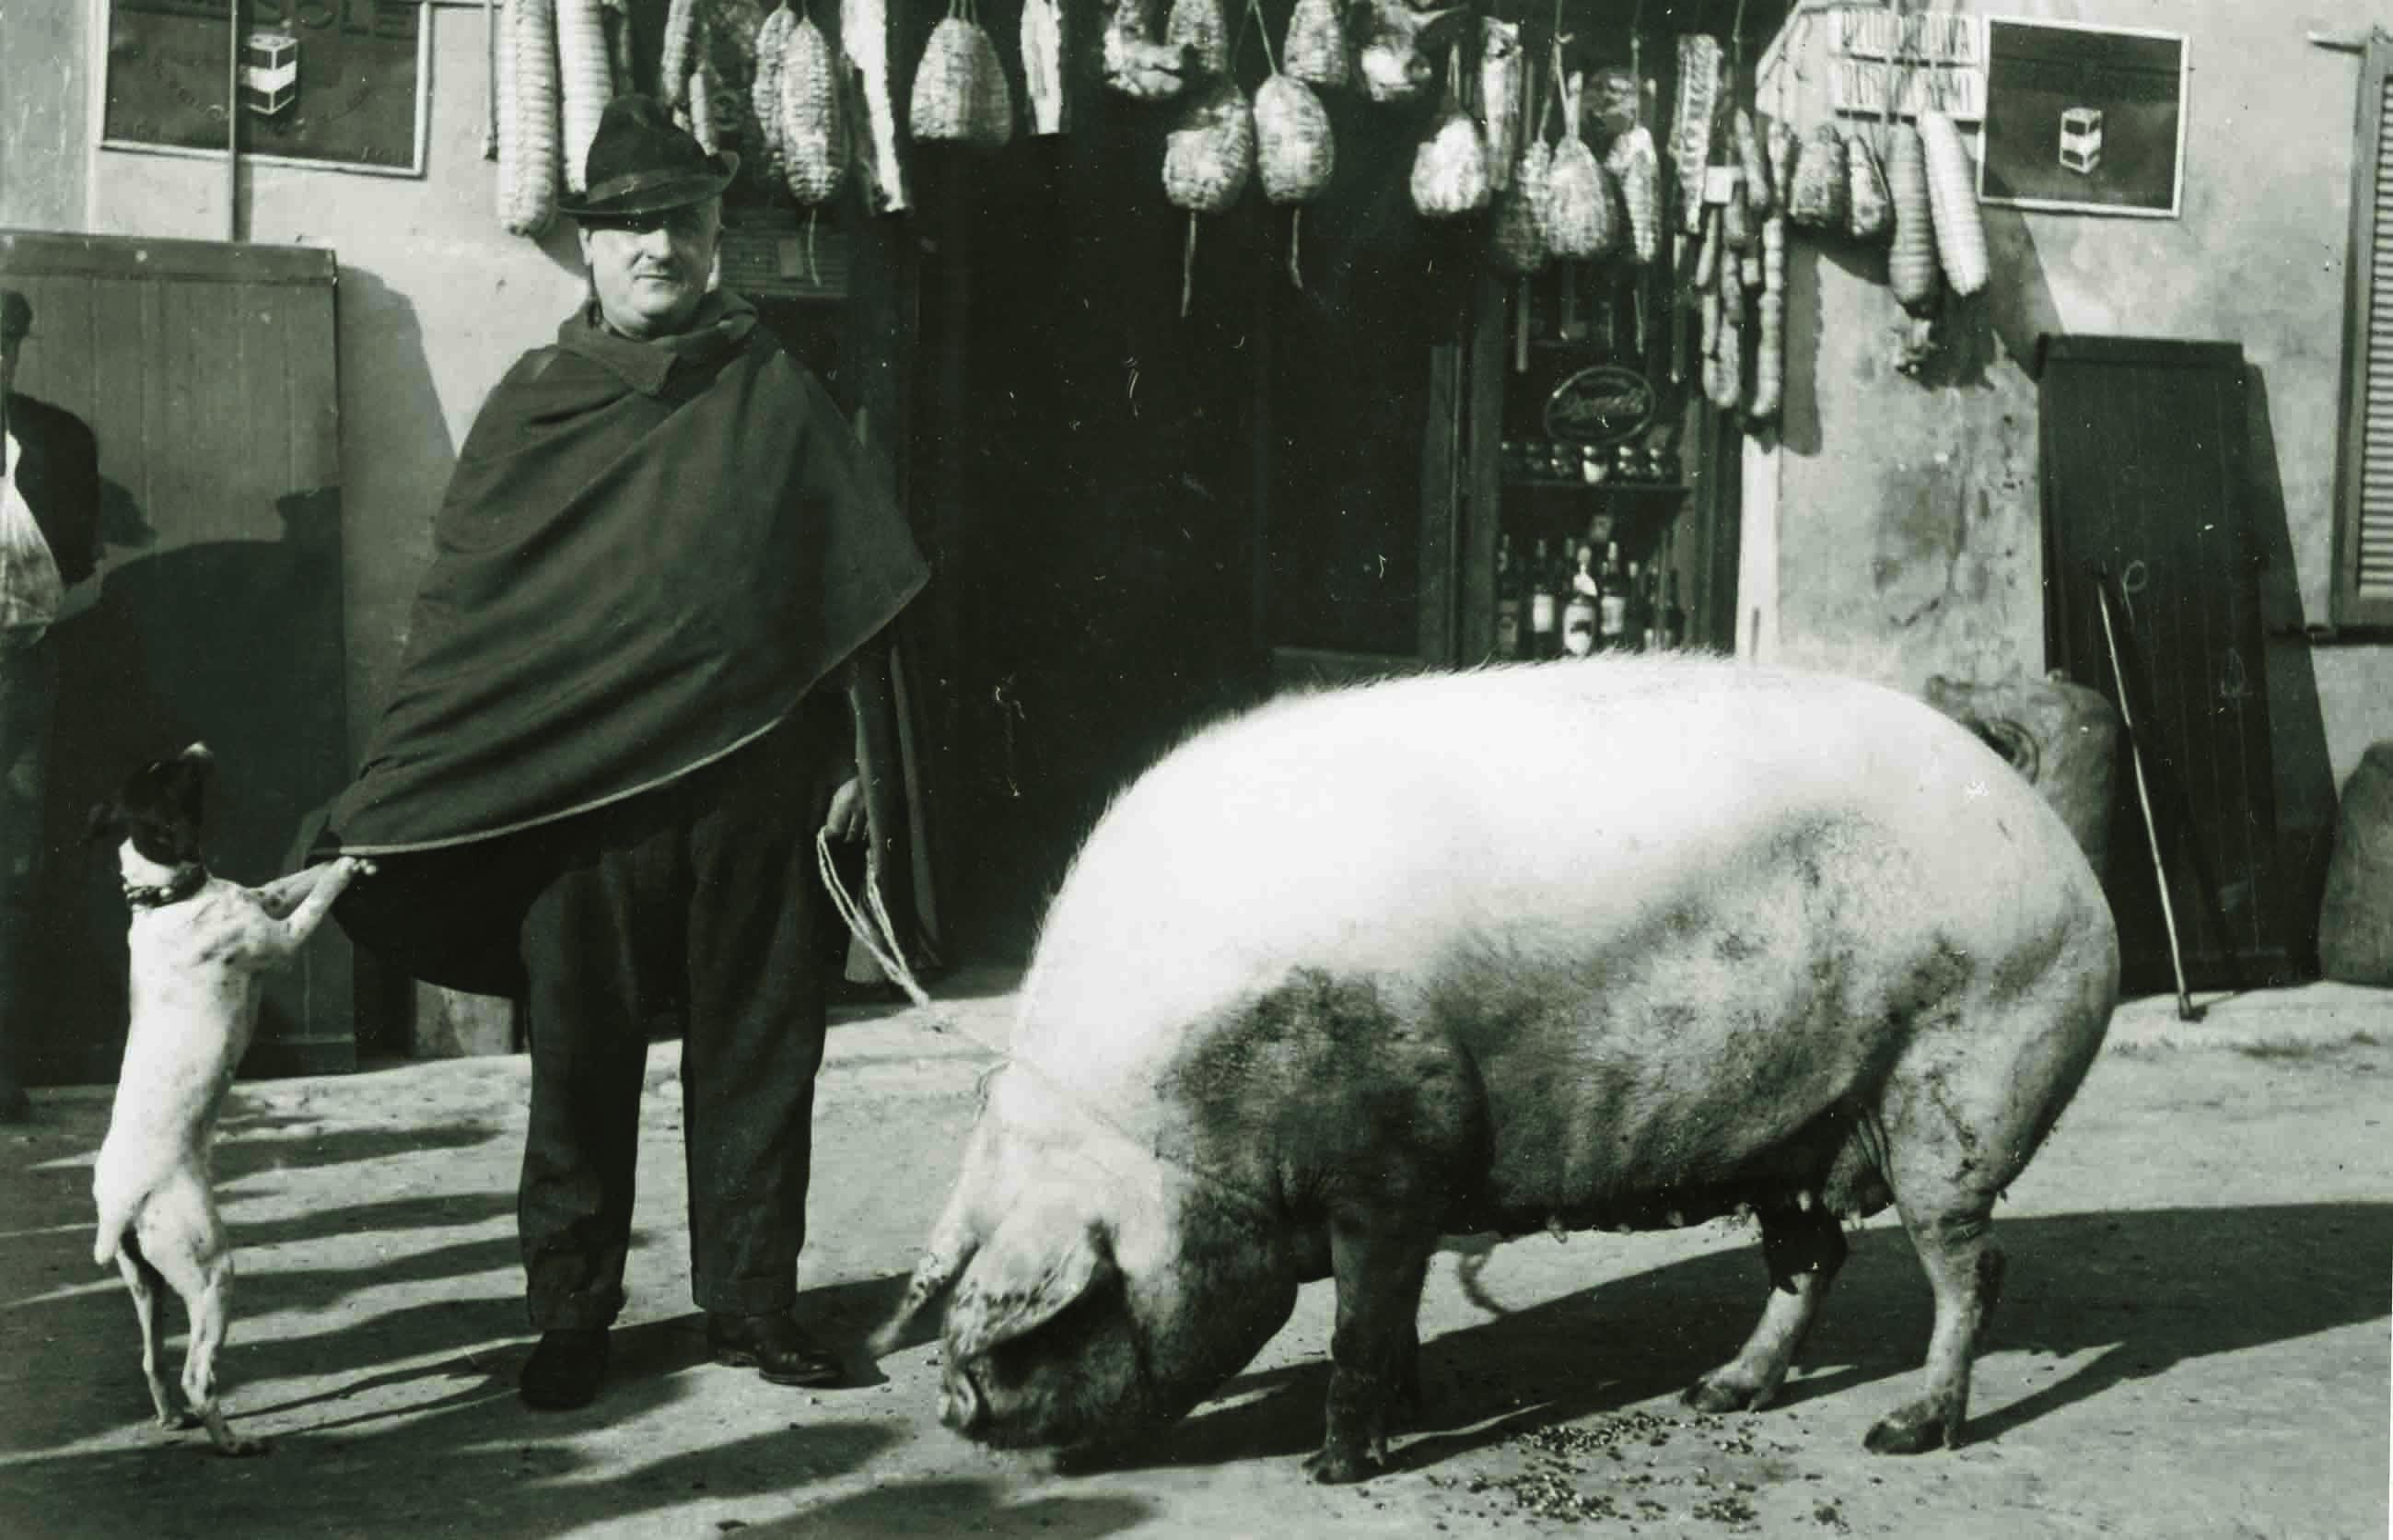 Il salumiere Guerino Buffetti davanti alla sua bottega, Busseto (PR), 1925 ca.